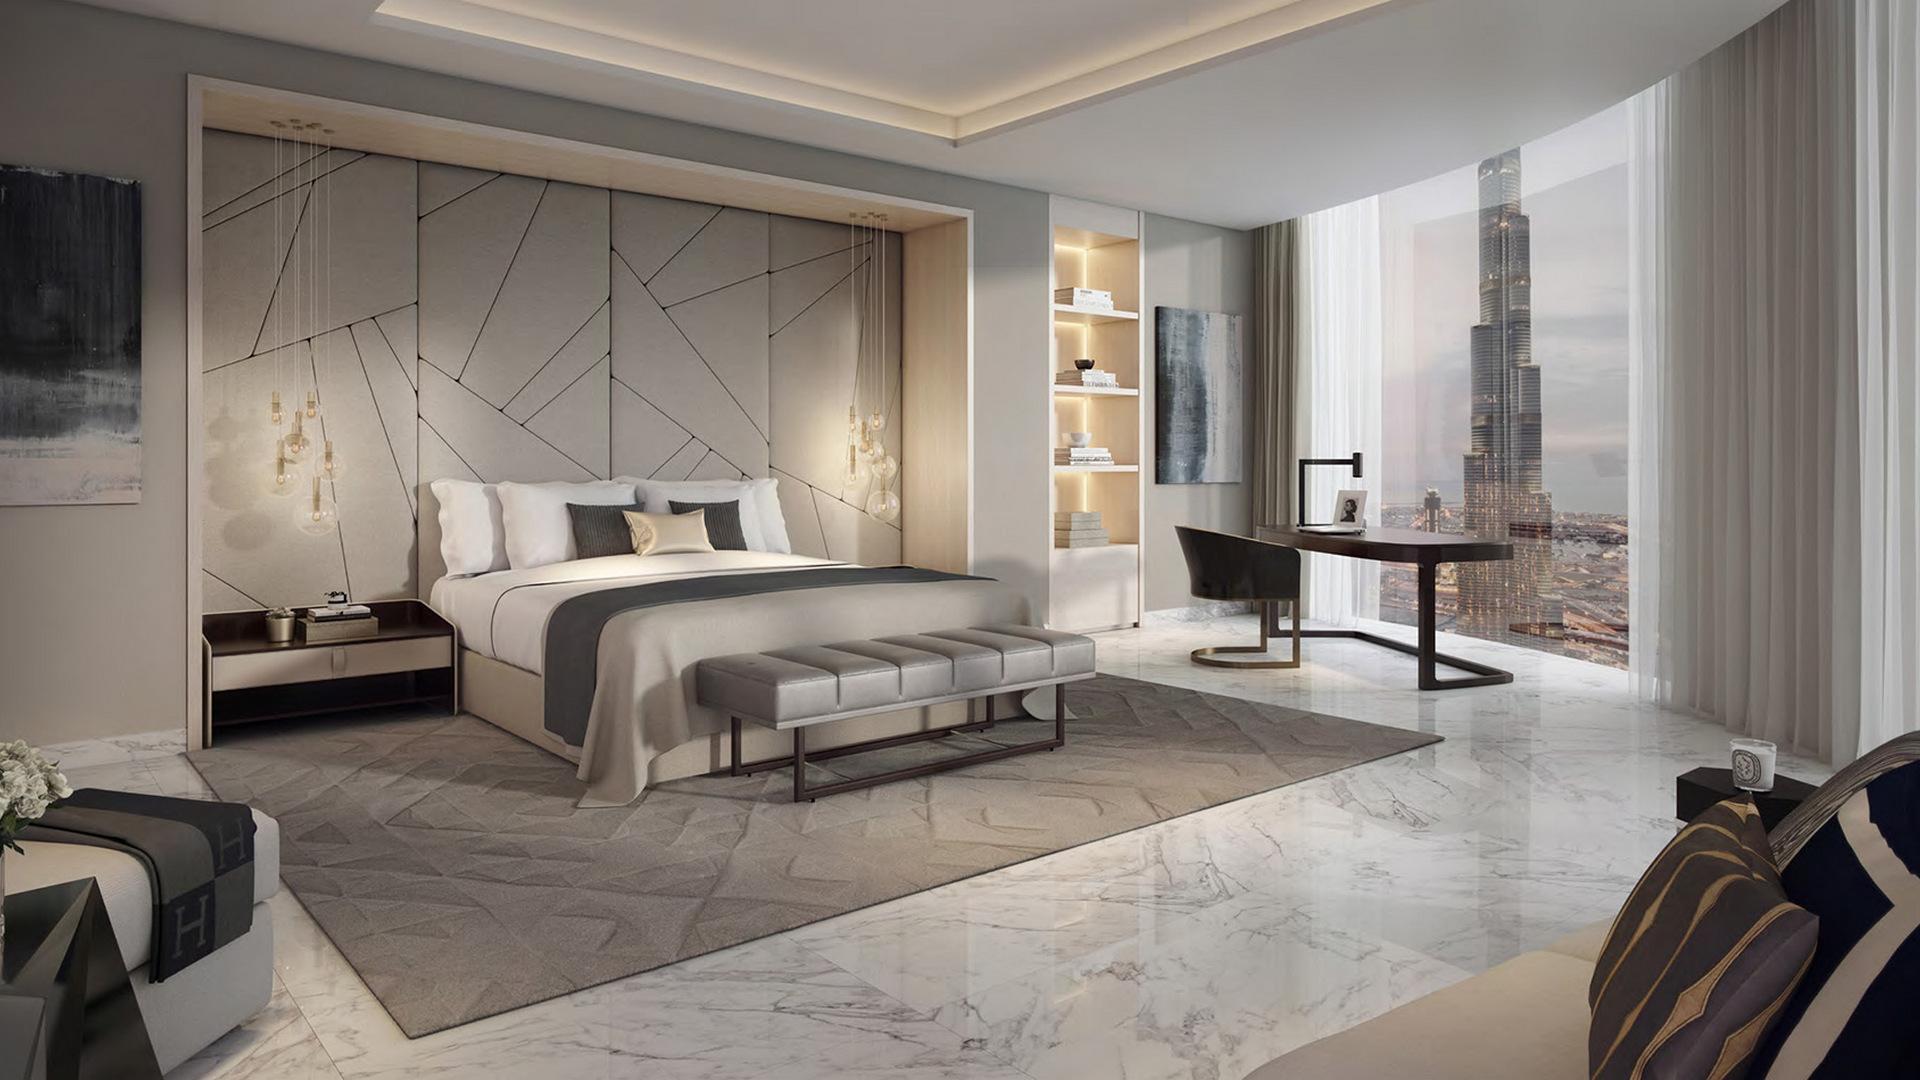 Ático en venta en Dubai, EAU, 5 dormitorios, 1073 m2, № 24033 – foto 1